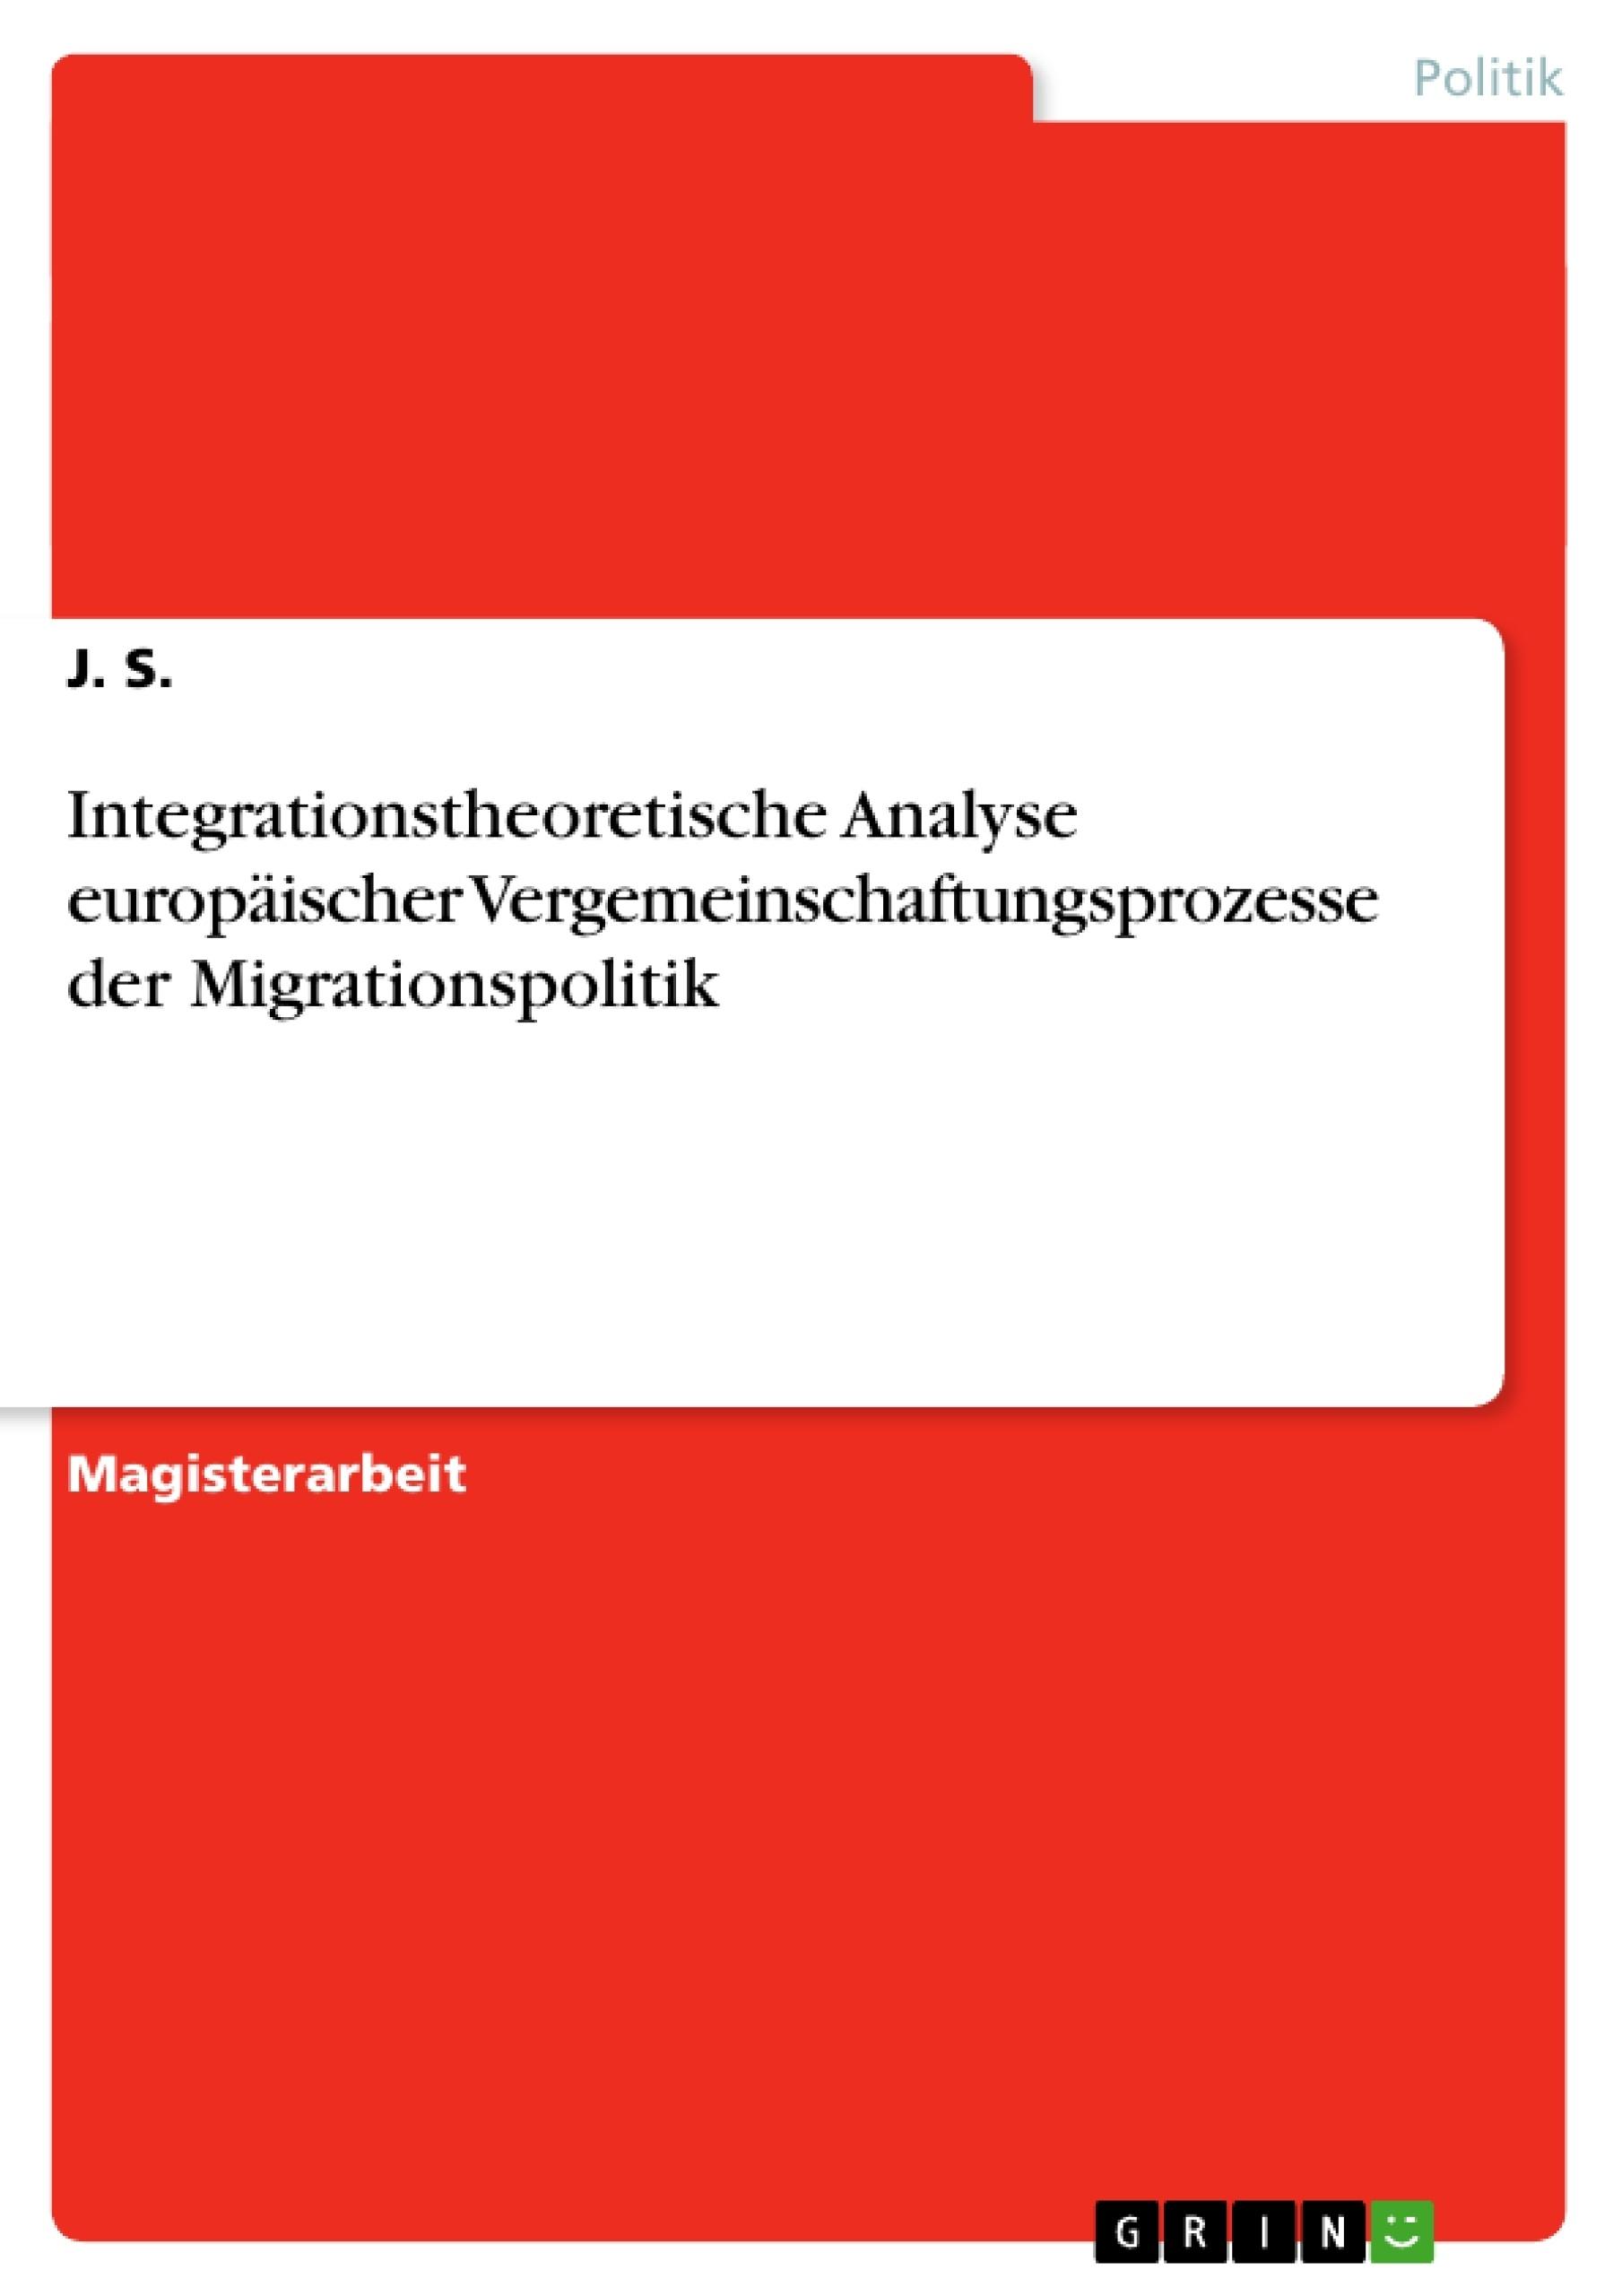 Titel: Integrationstheoretische Analyse europäischer Vergemeinschaftungsprozesse der Migrationspolitik